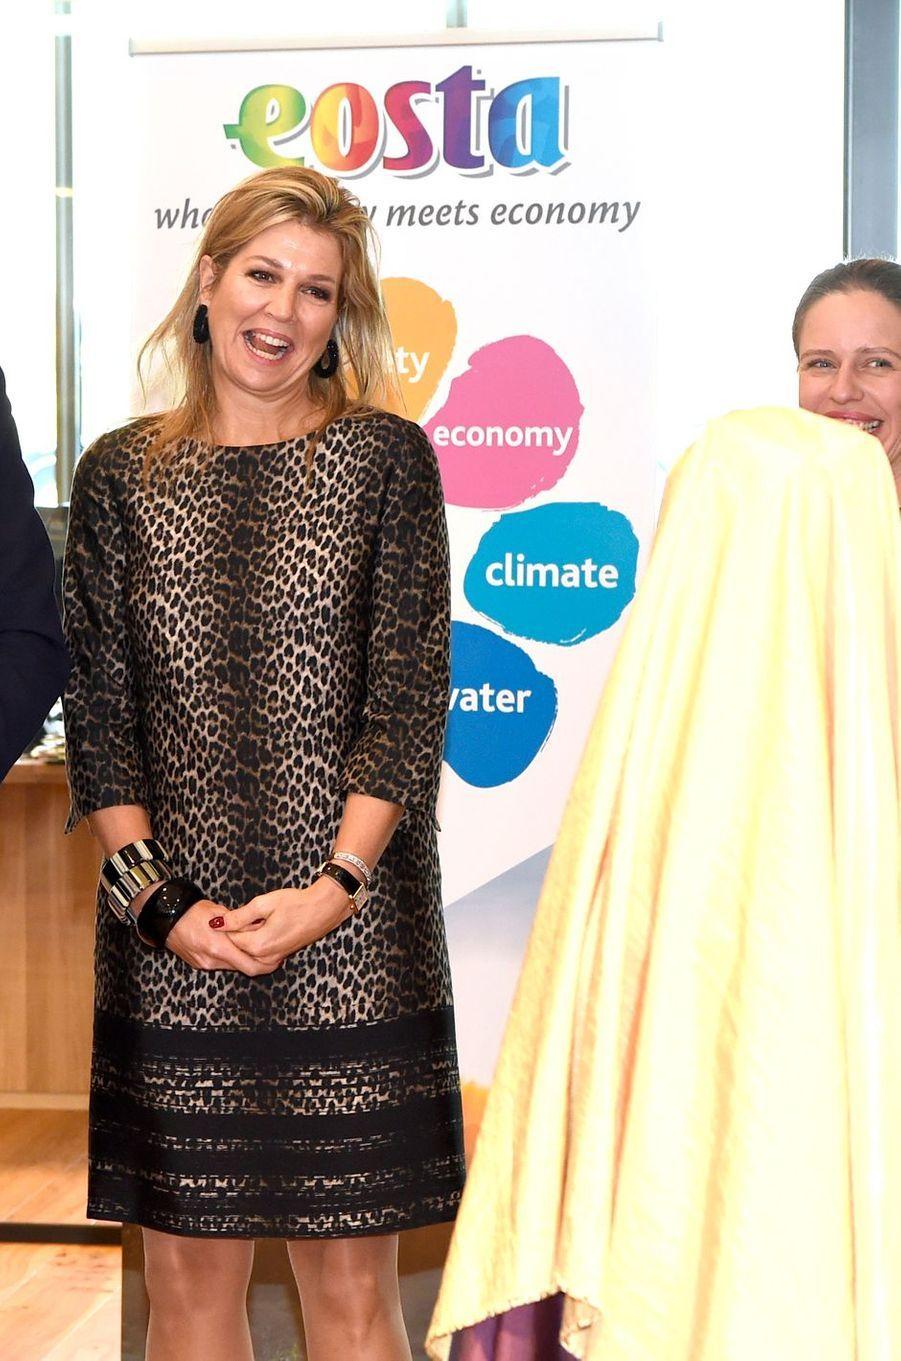 La reine Maxima des Pays-Bas visite Eosta à Waddinxveen, le 4 décembre 2018